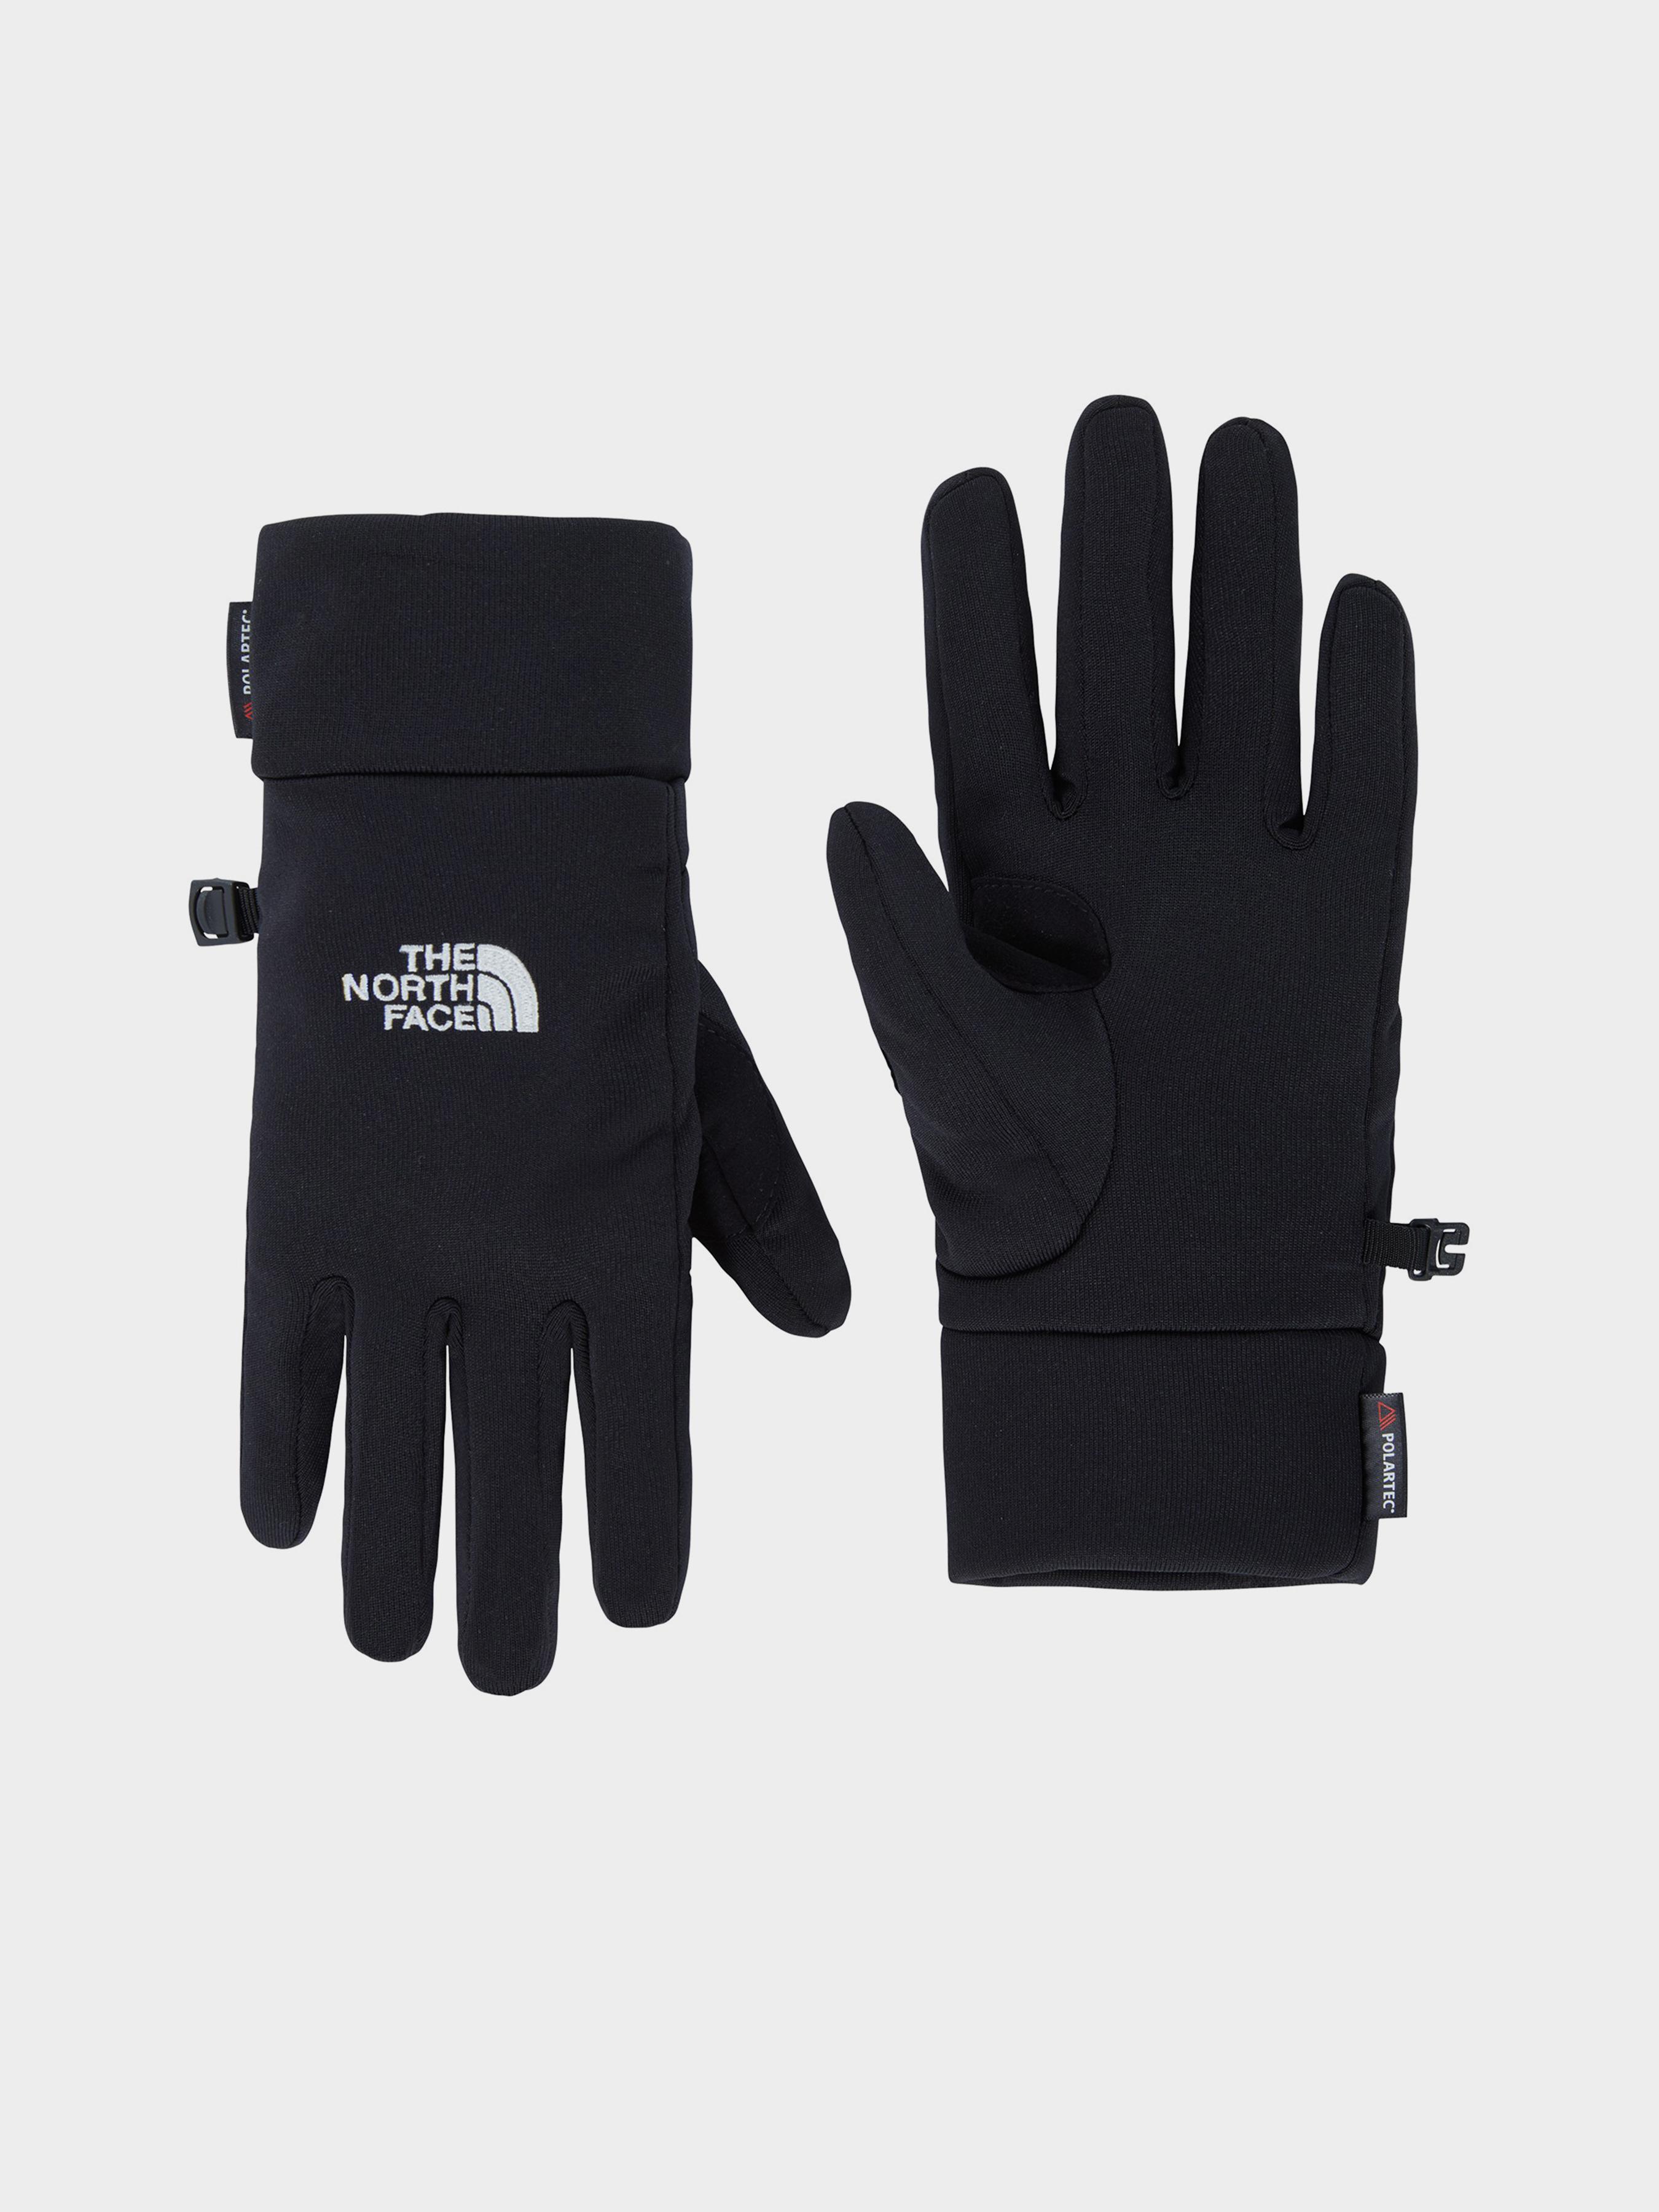 Купить Перчатки и варежки женские модель 7Z77, The North Face, Черный